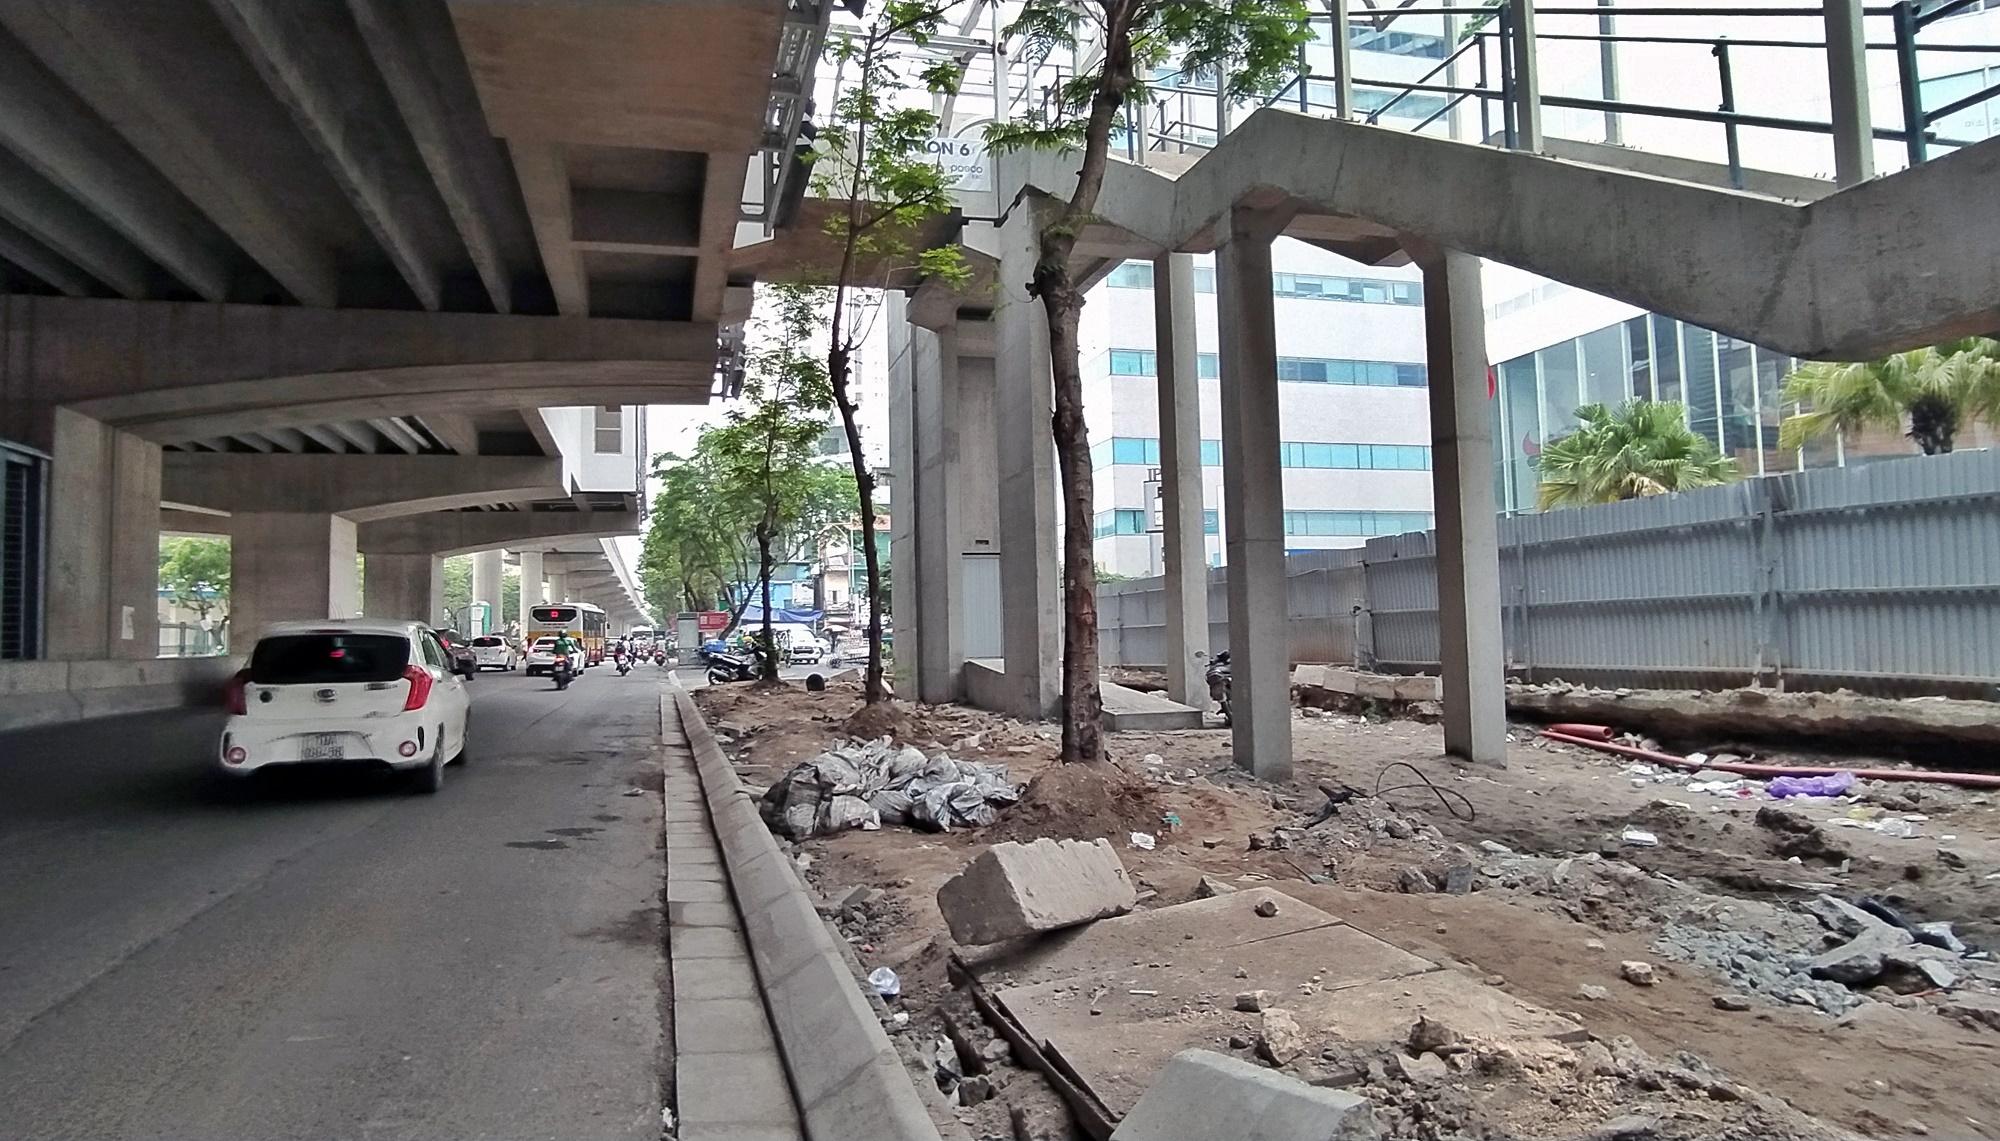 Hình ảnh đường sắt Nhổn - ga Hà Nội khi 'đến hẹn' vận hành đoạn trên cao - Ảnh 6.